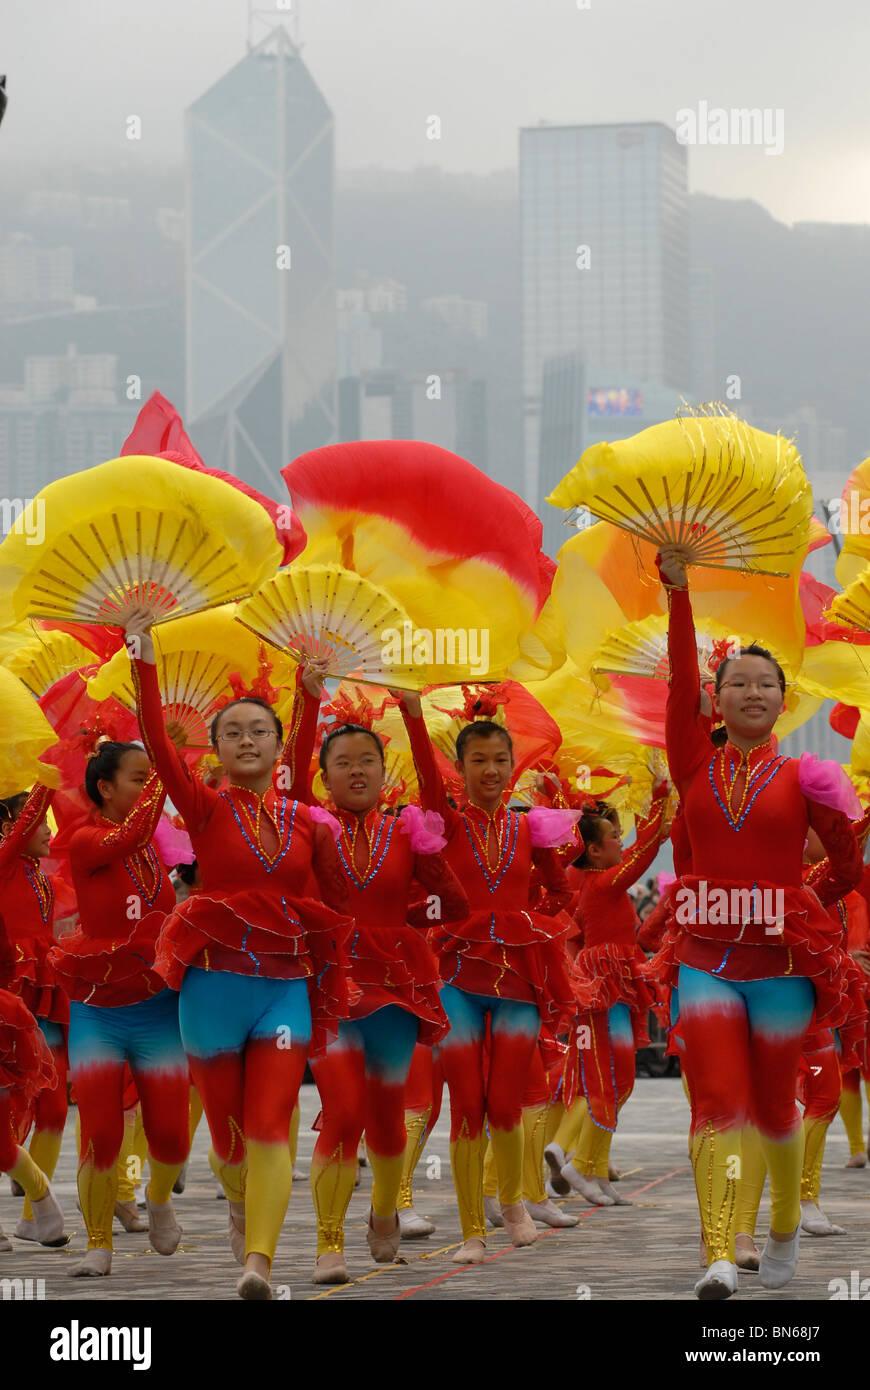 Giovani ragazze cinesi in abiti di festa ballando durante il nuovo anno lunare cinese celebrazioni in Kowloon, Hong Immagini Stock